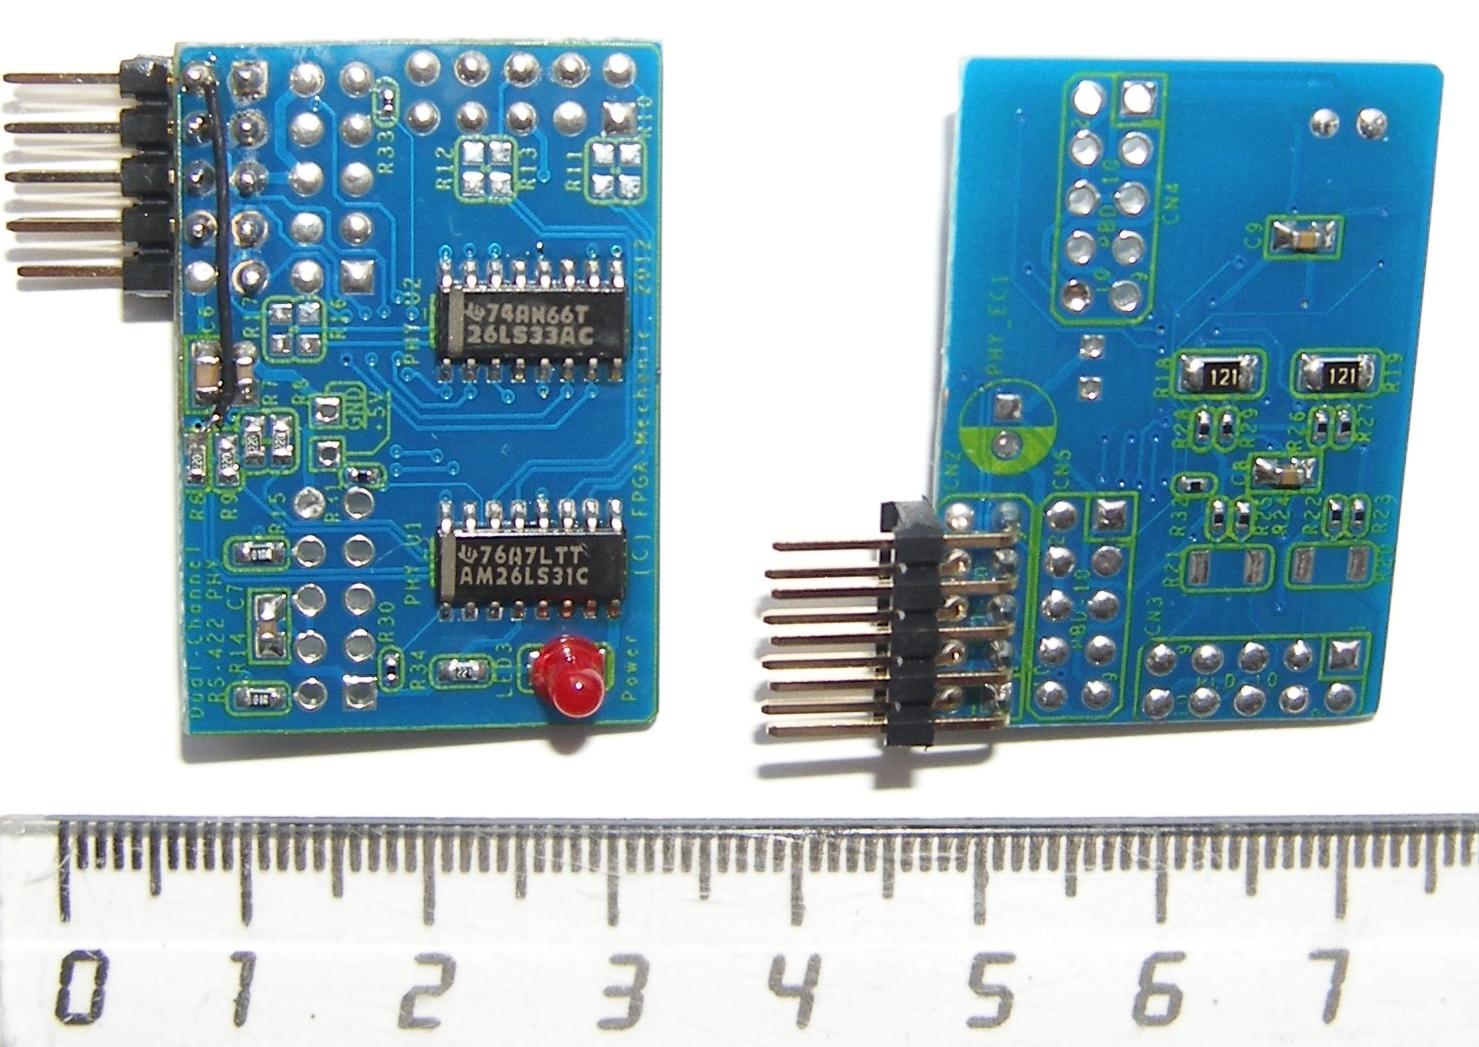 Адаптеры сопряжения RS-422 с поддержкой скоростей до 1Мбод для системной шины PCI - 21